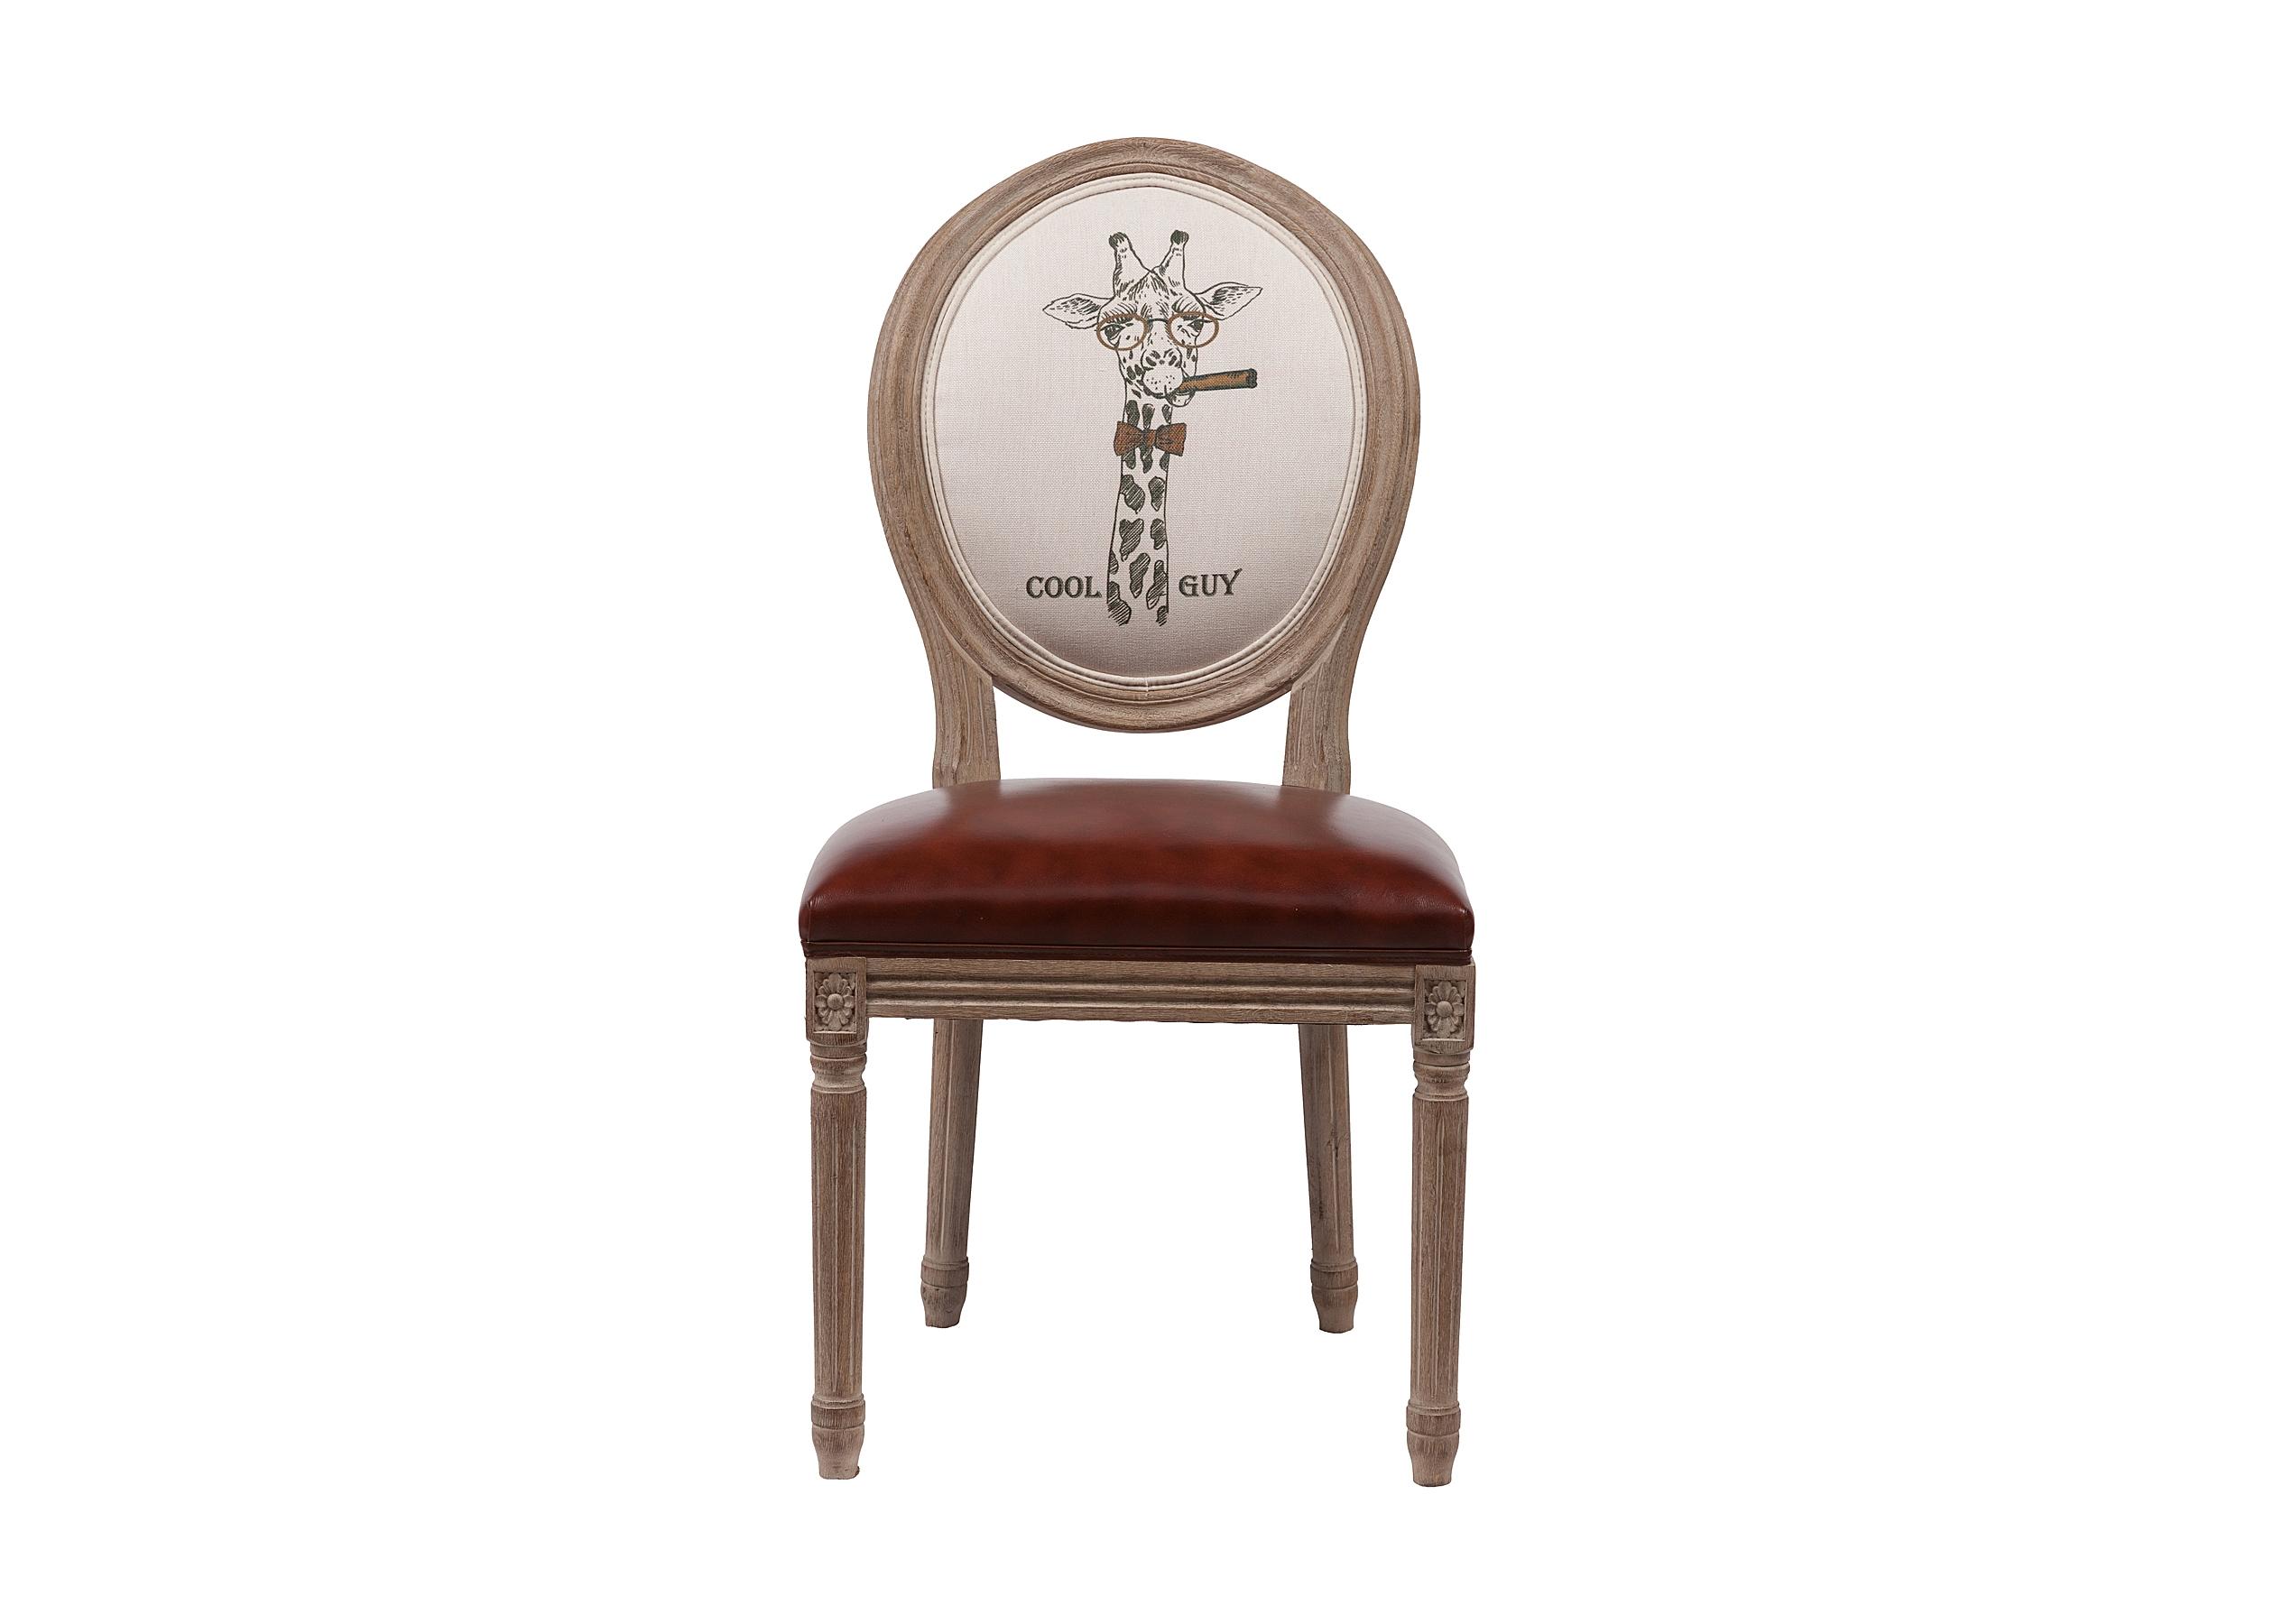 Стул Cool GuyОбеденные стулья<br>Основание: дуб.&amp;lt;div&amp;gt;Обивка: поролон, натуральная кожа, лён/хлопок.&amp;lt;/div&amp;gt;&amp;lt;div&amp;gt;Высота стула от пола до сидения 49 см.&amp;lt;/div&amp;gt;<br><br>Material: Кожа<br>Width см: 46<br>Depth см: 55<br>Height см: 94